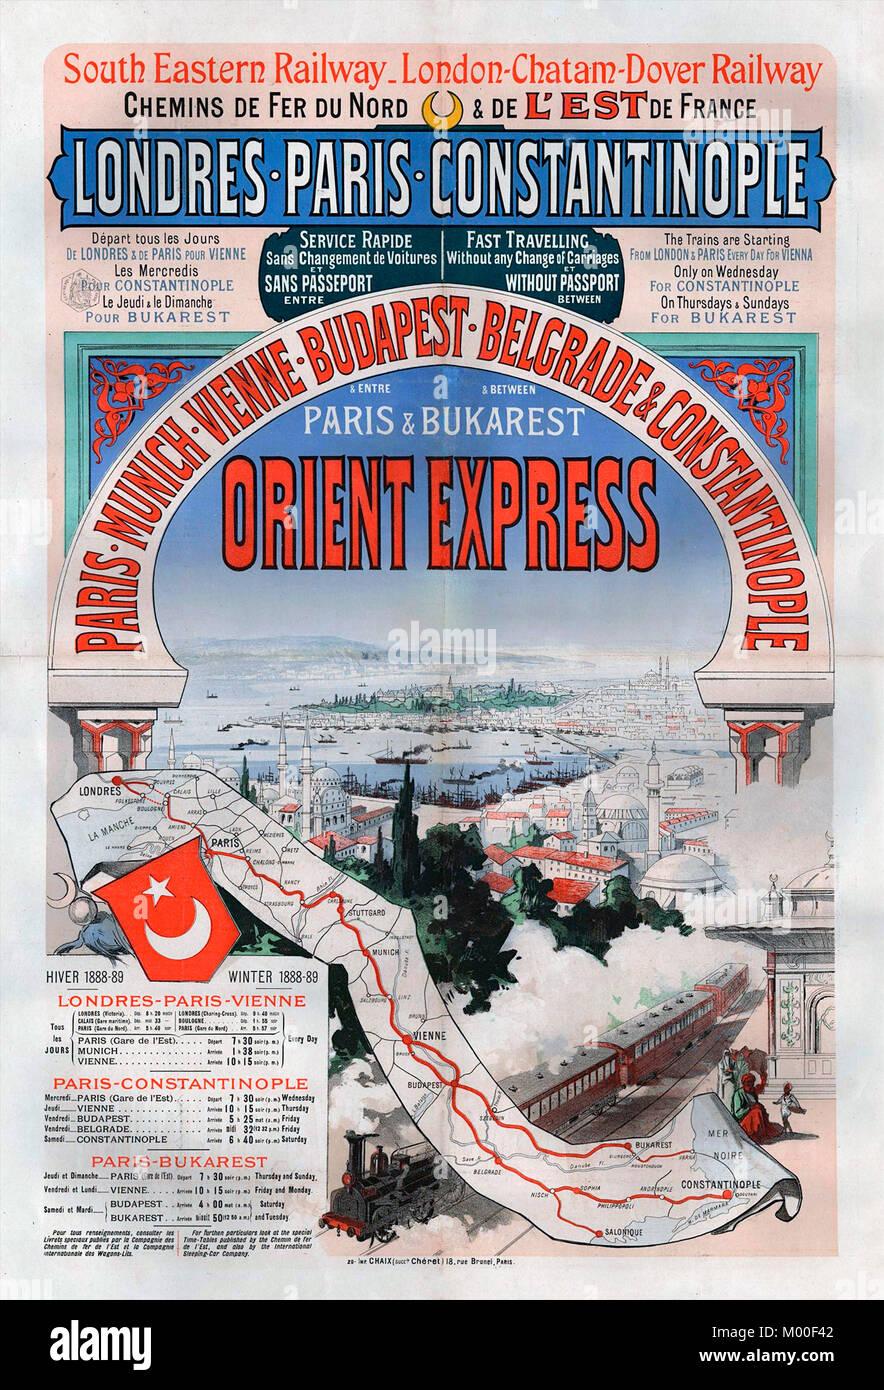 Affiche publicitaire de l'Orient Express voyage entre Londres et Constantinople (Istanbul) en 1888. Photo Stock